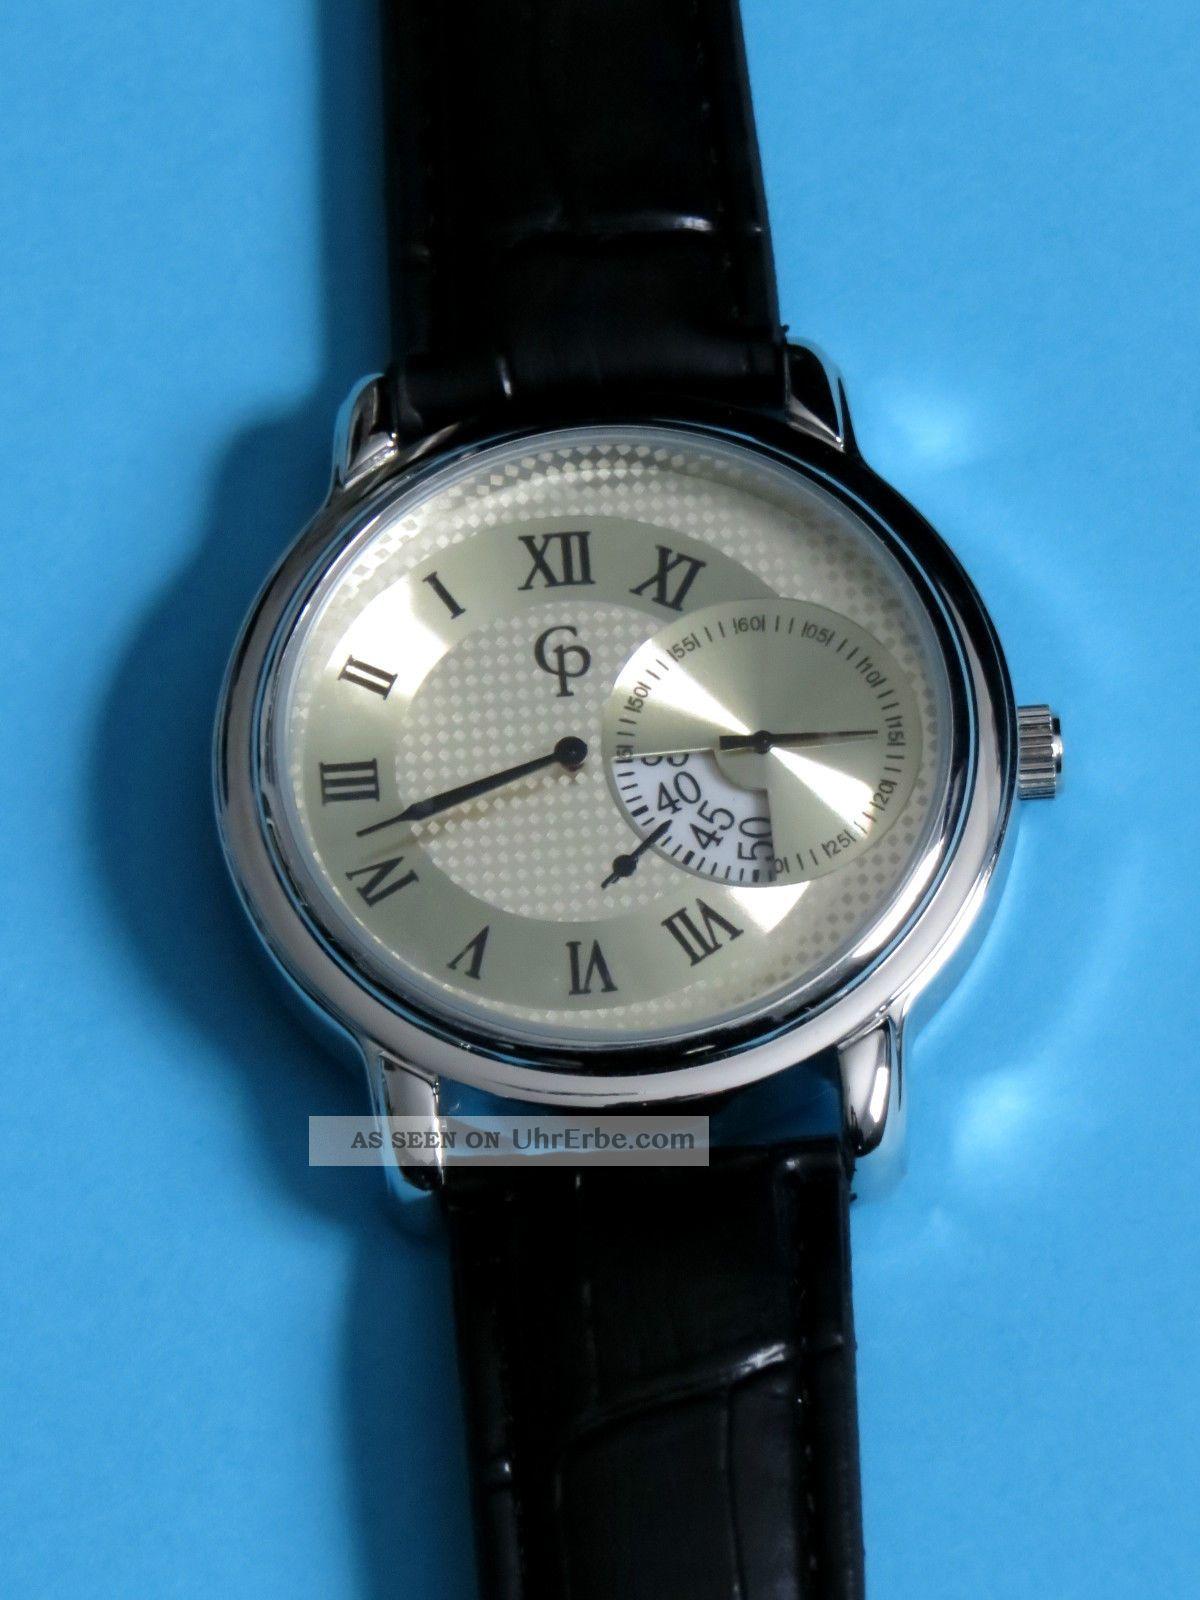 Herrenuhr Armbanduhr Regulator Uhr Getrennte Zifferblätter Quarzuhrwerk Armbanduhren Bild